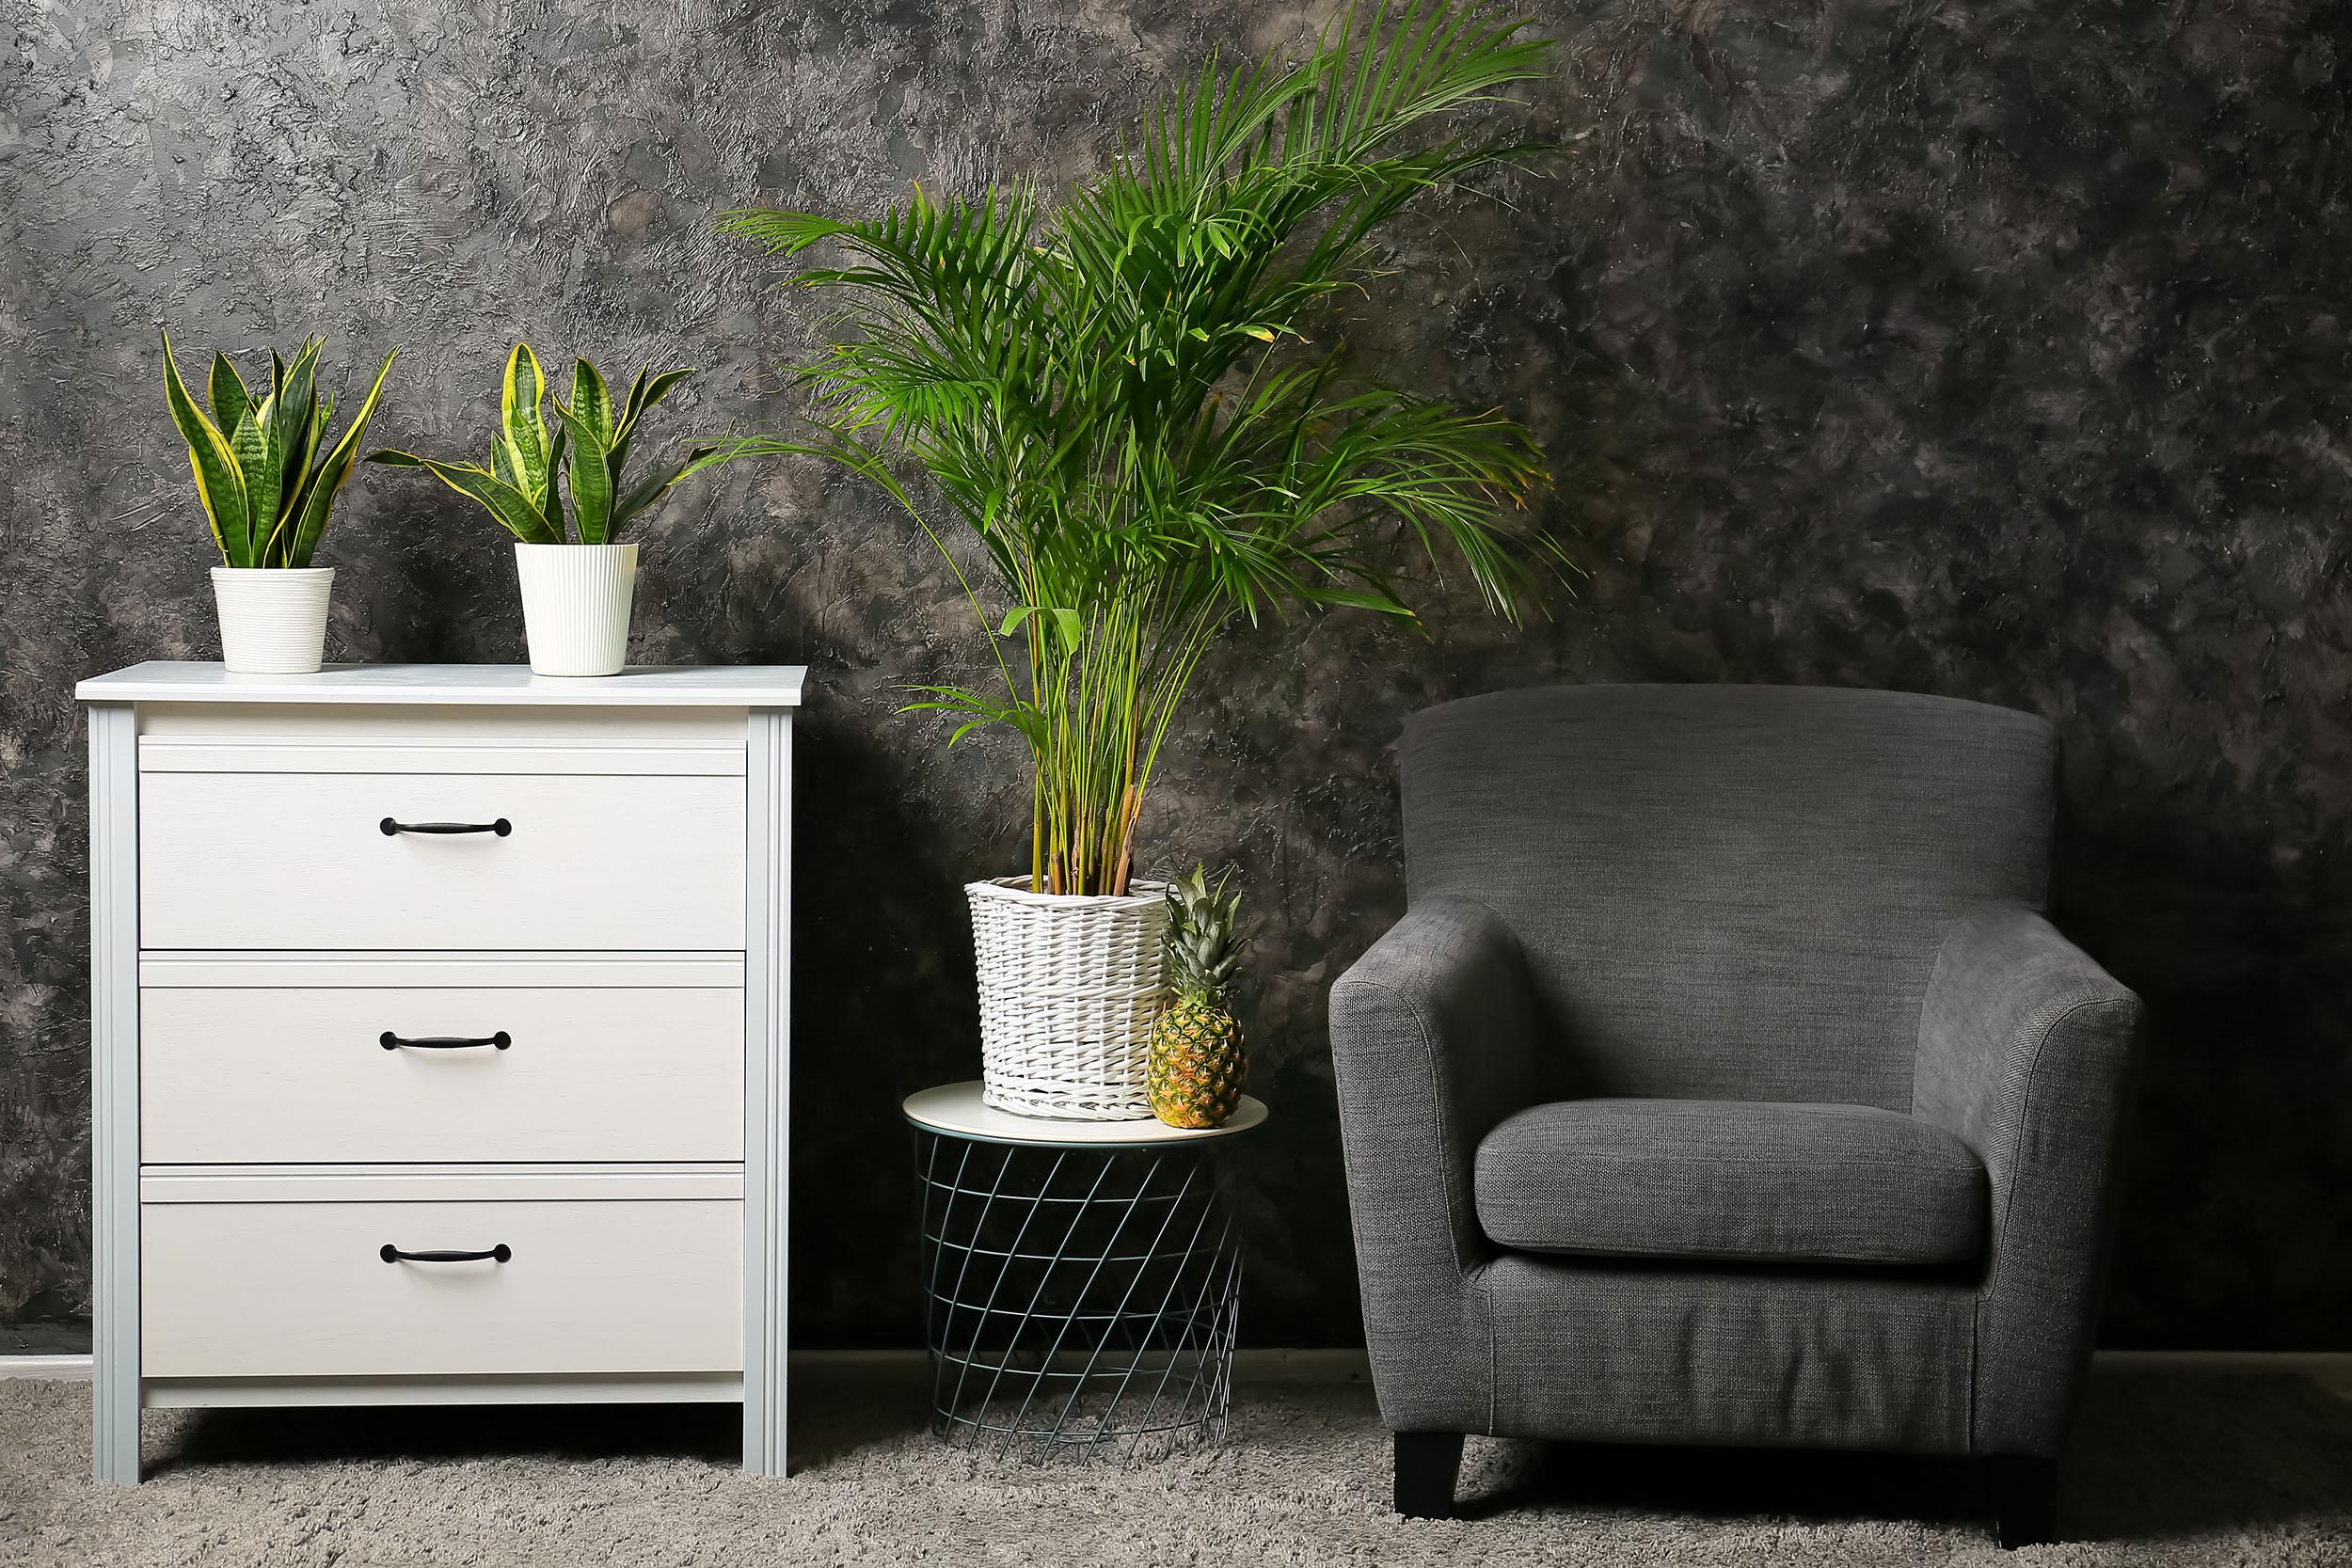 Zimmerpflanze in einem modernen Raum mit Sessel